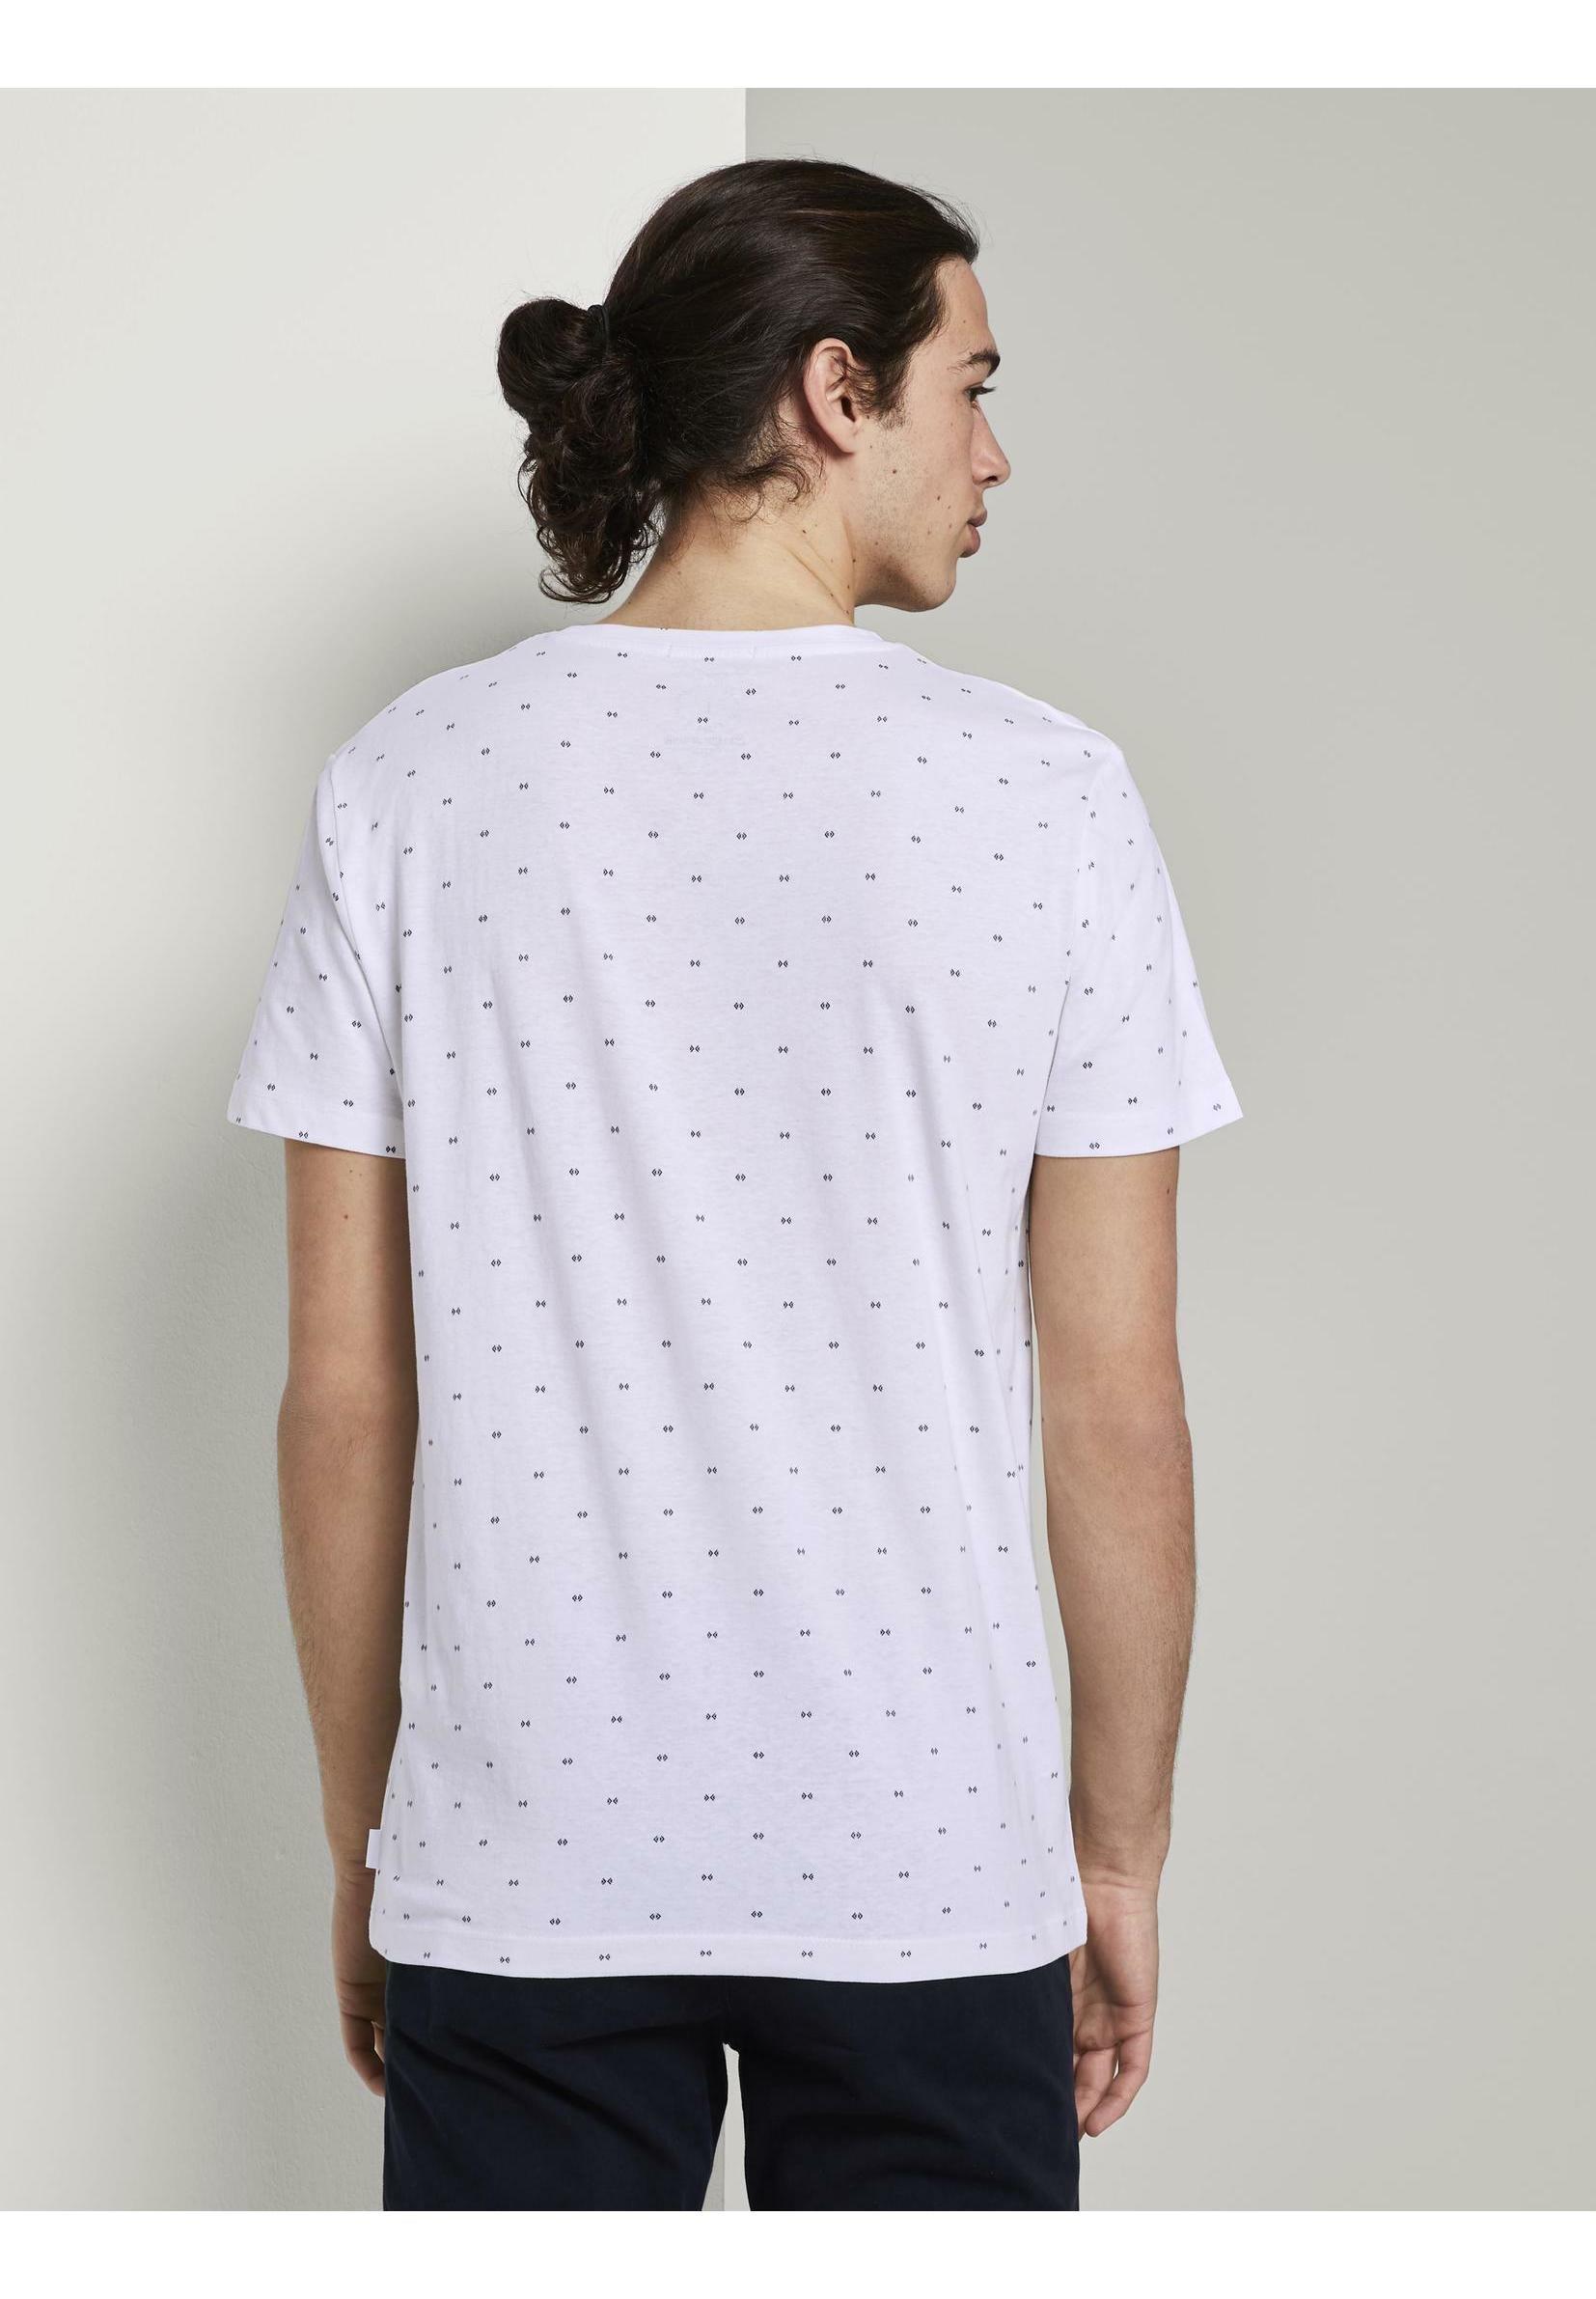 TOM TAILOR DENIM T-shirt z nadrukiem - white small element print - Odzież męska Tani